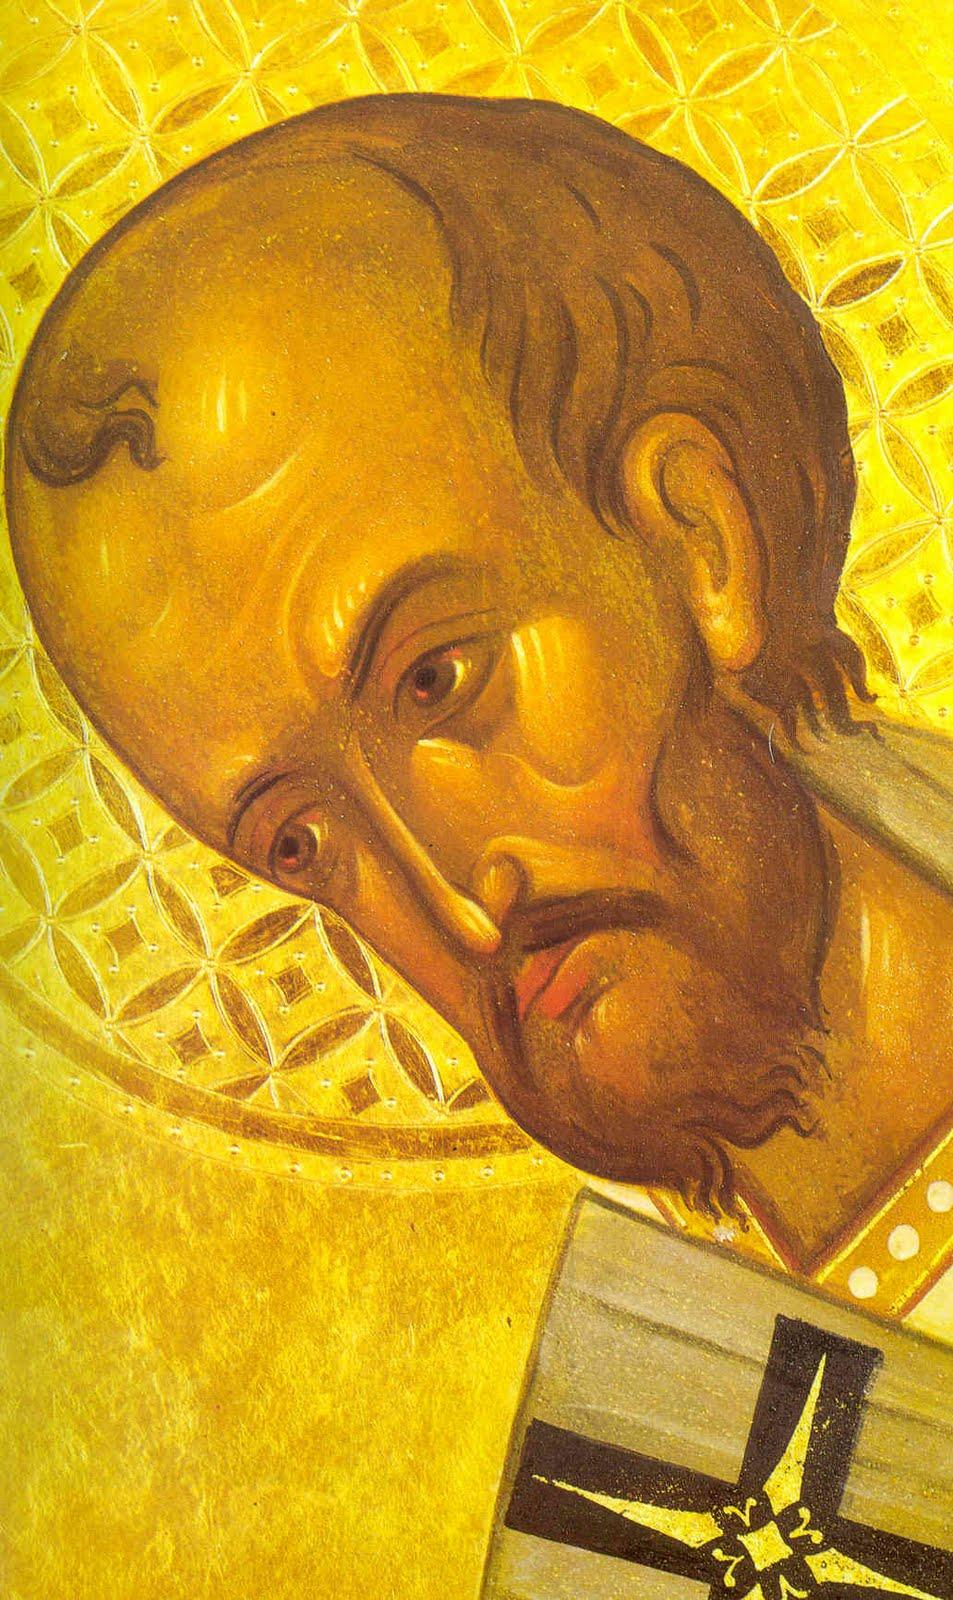 st-john-chrysostom-the-golden-mouth